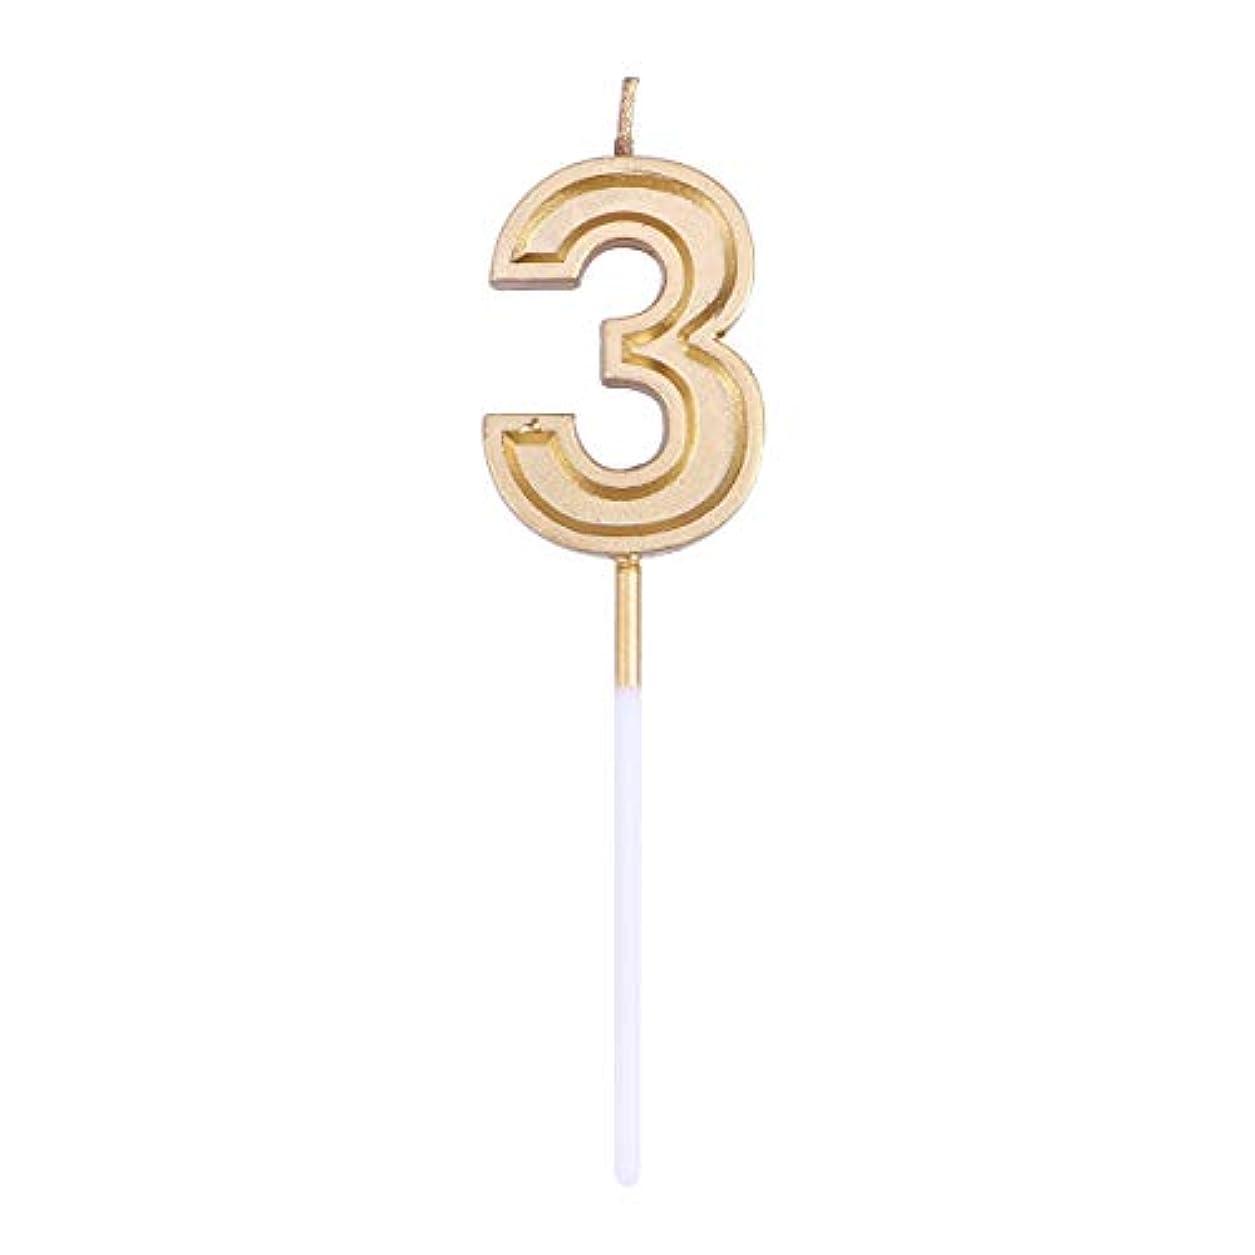 慣れている不名誉リスクToyvian ゴールドラメ誕生日おめでとう数字キャンドル番号キャンドルケーキトッパー装飾用大人キッズパーティー(番号3)